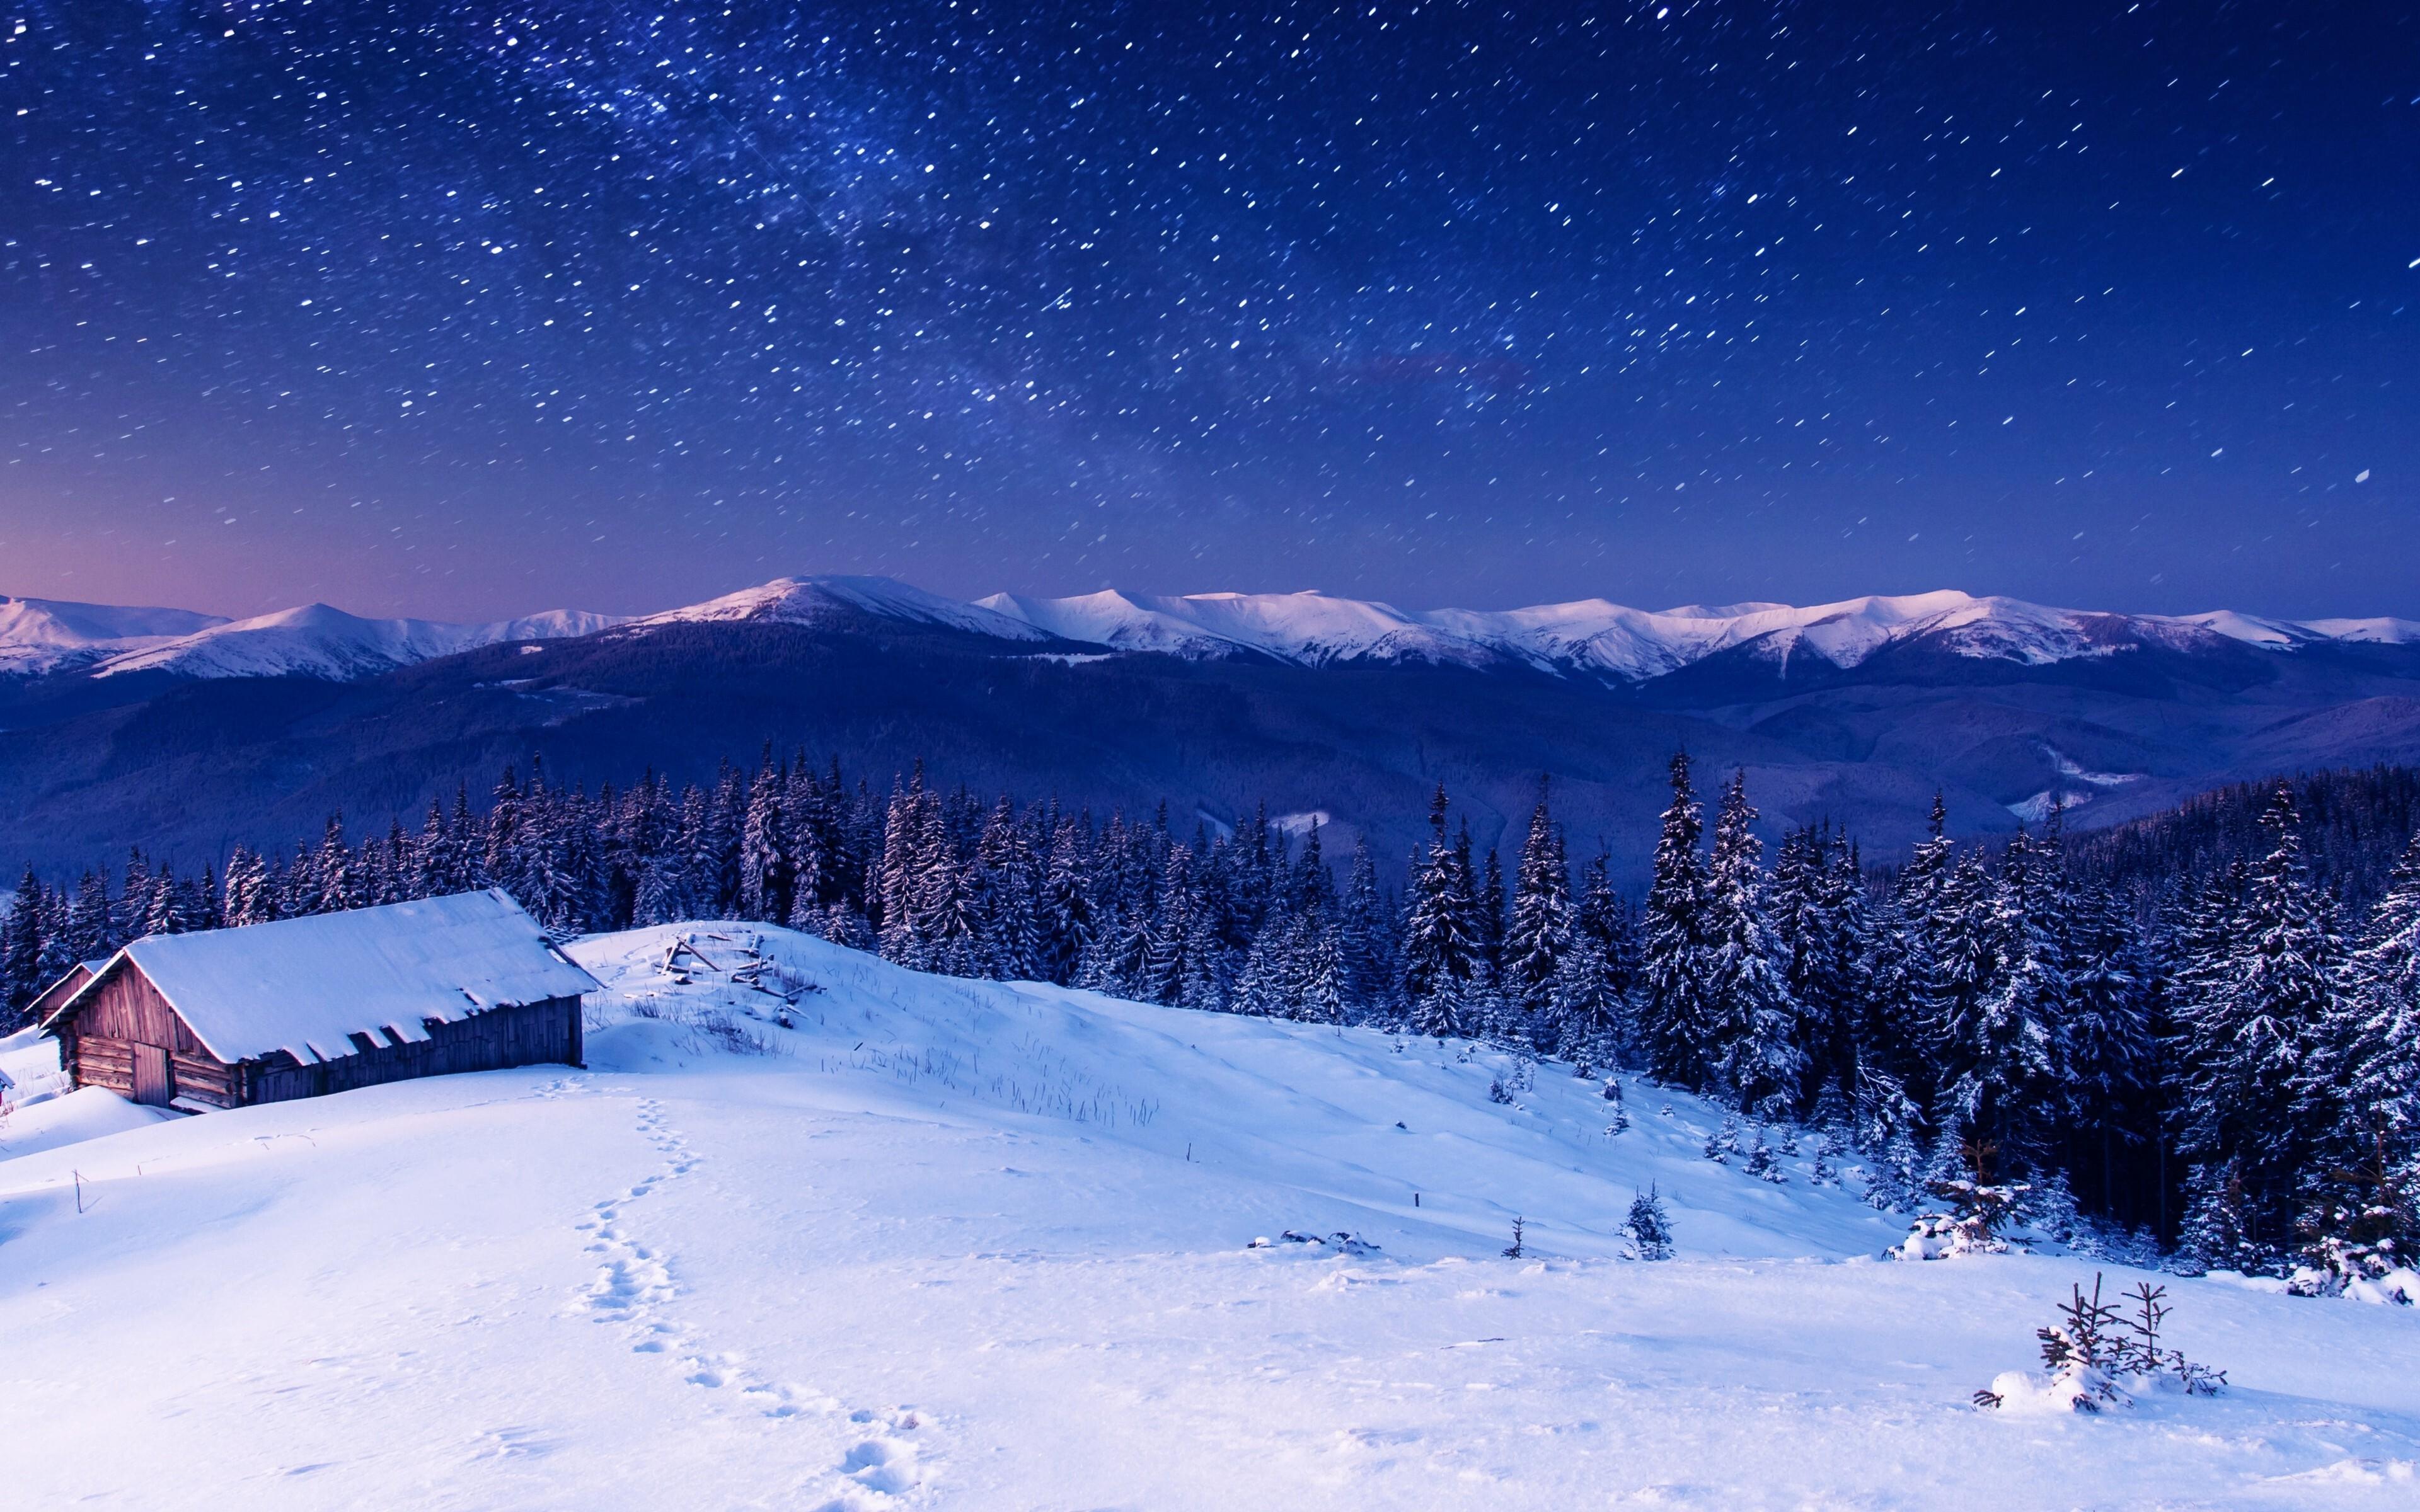 sky-winter-stars-mountains-4k-vr.jpg